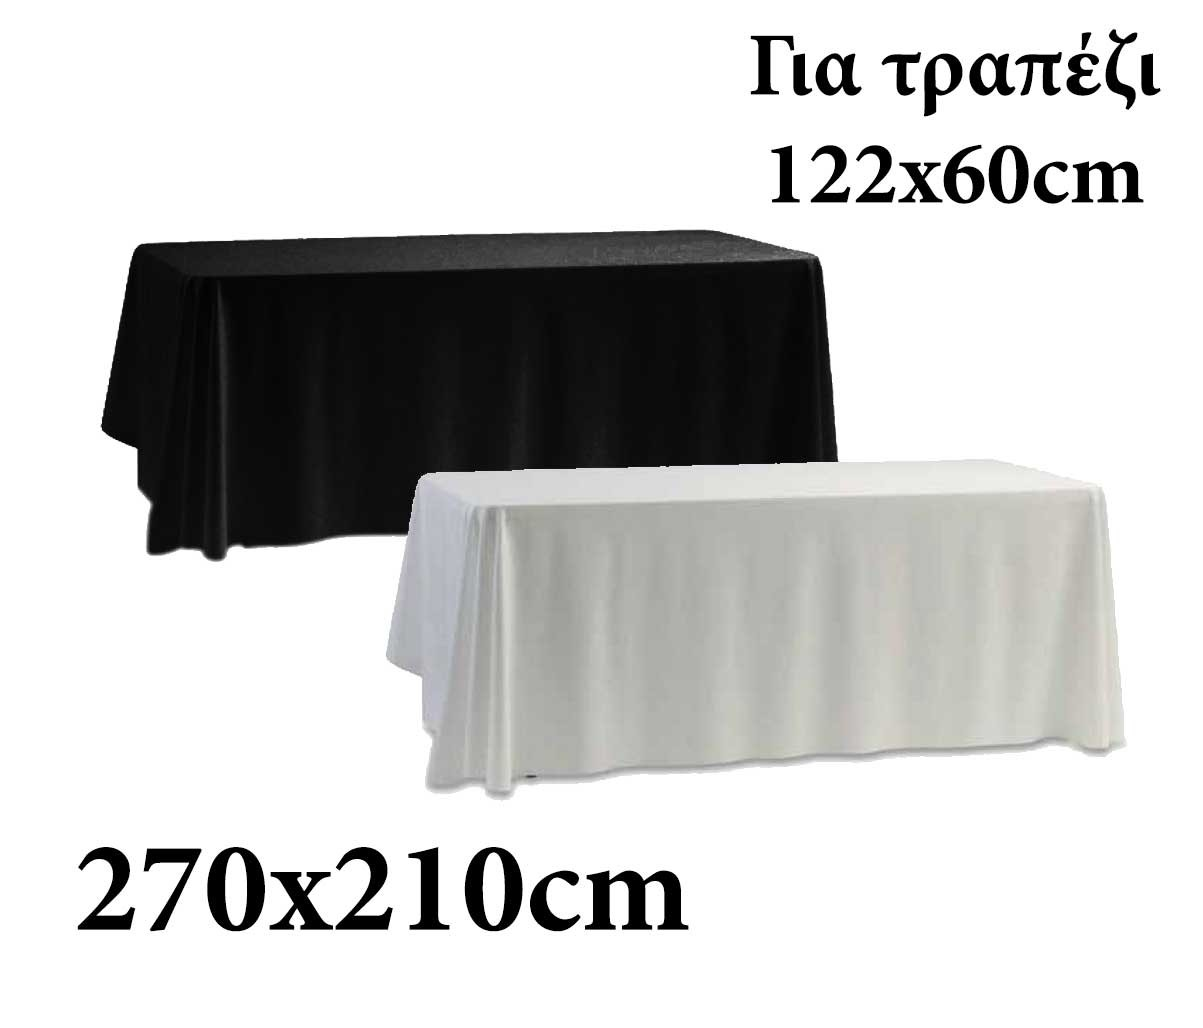 Υφασμάτινο τραπεζομάντηλο Target 270x210cm για τραπέζι 122x60cm